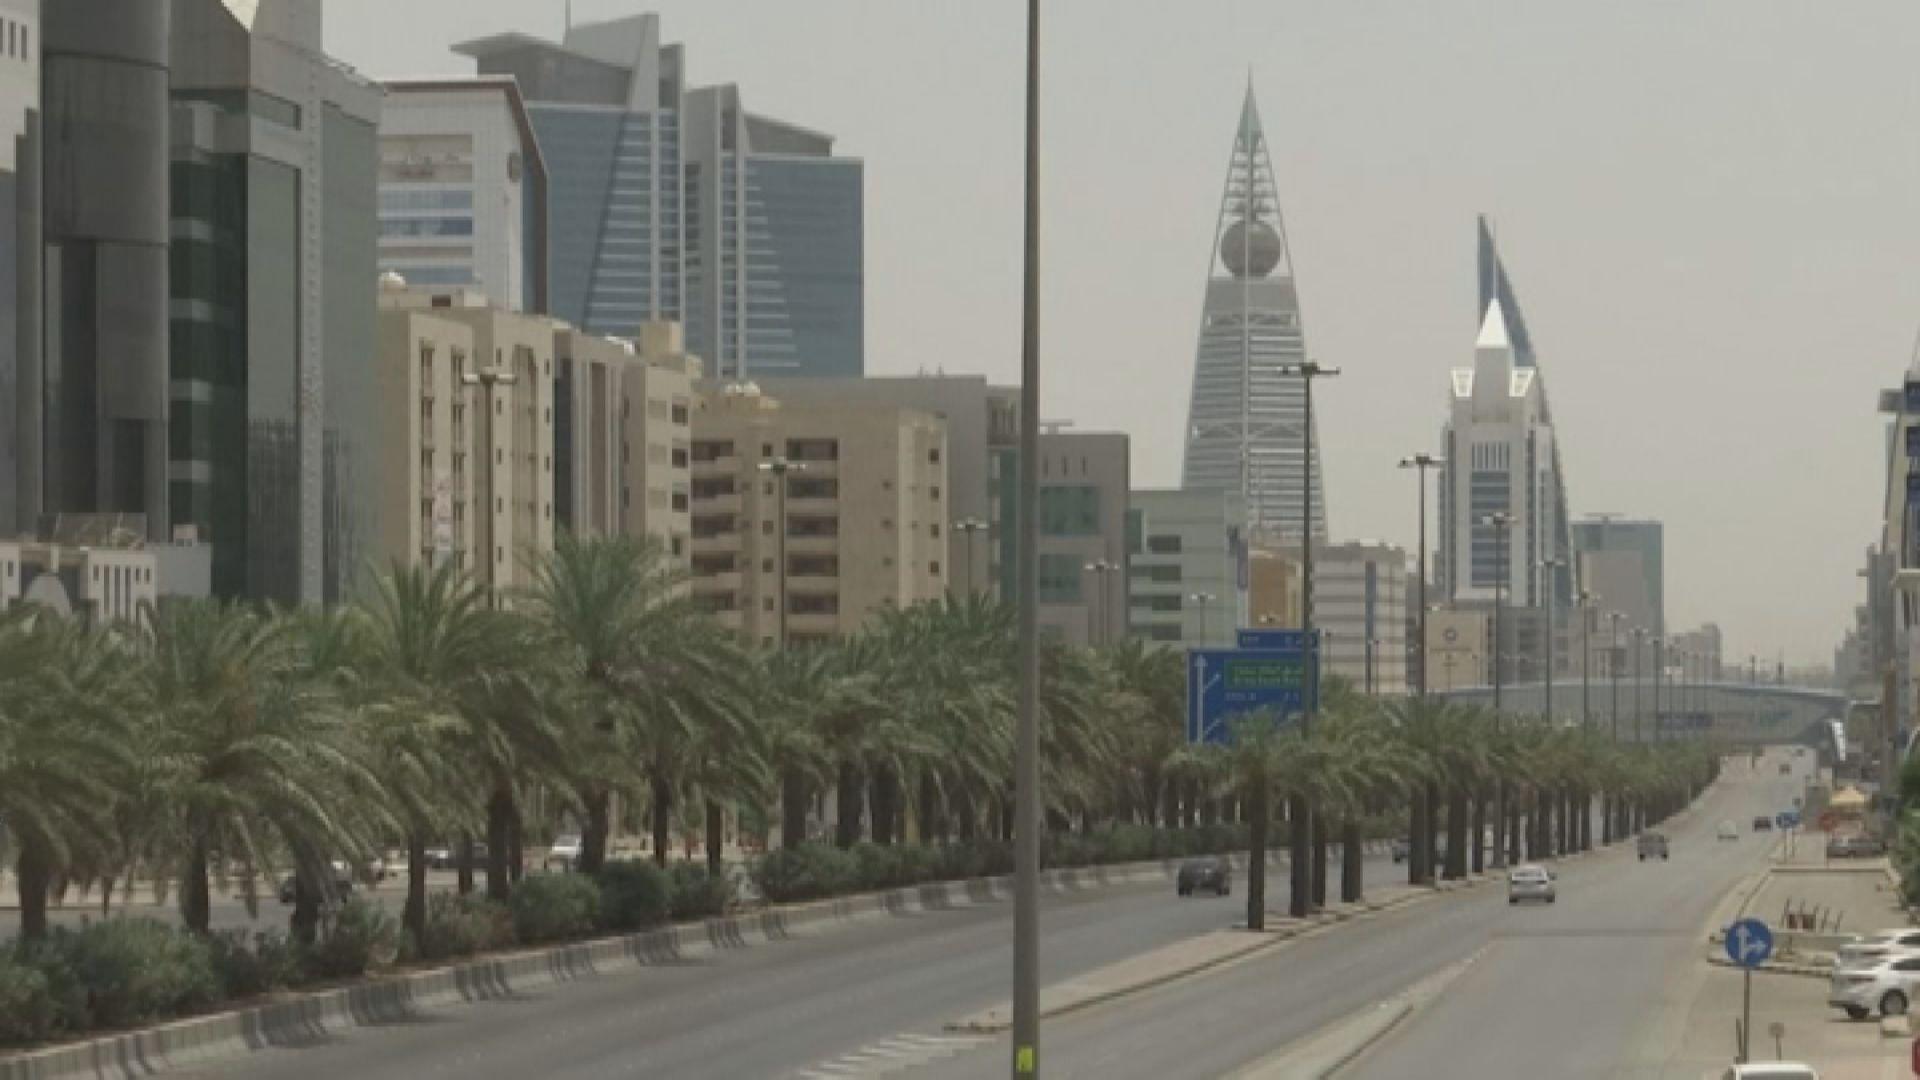 沙特揚言會嚴厲反擊任何制裁措施